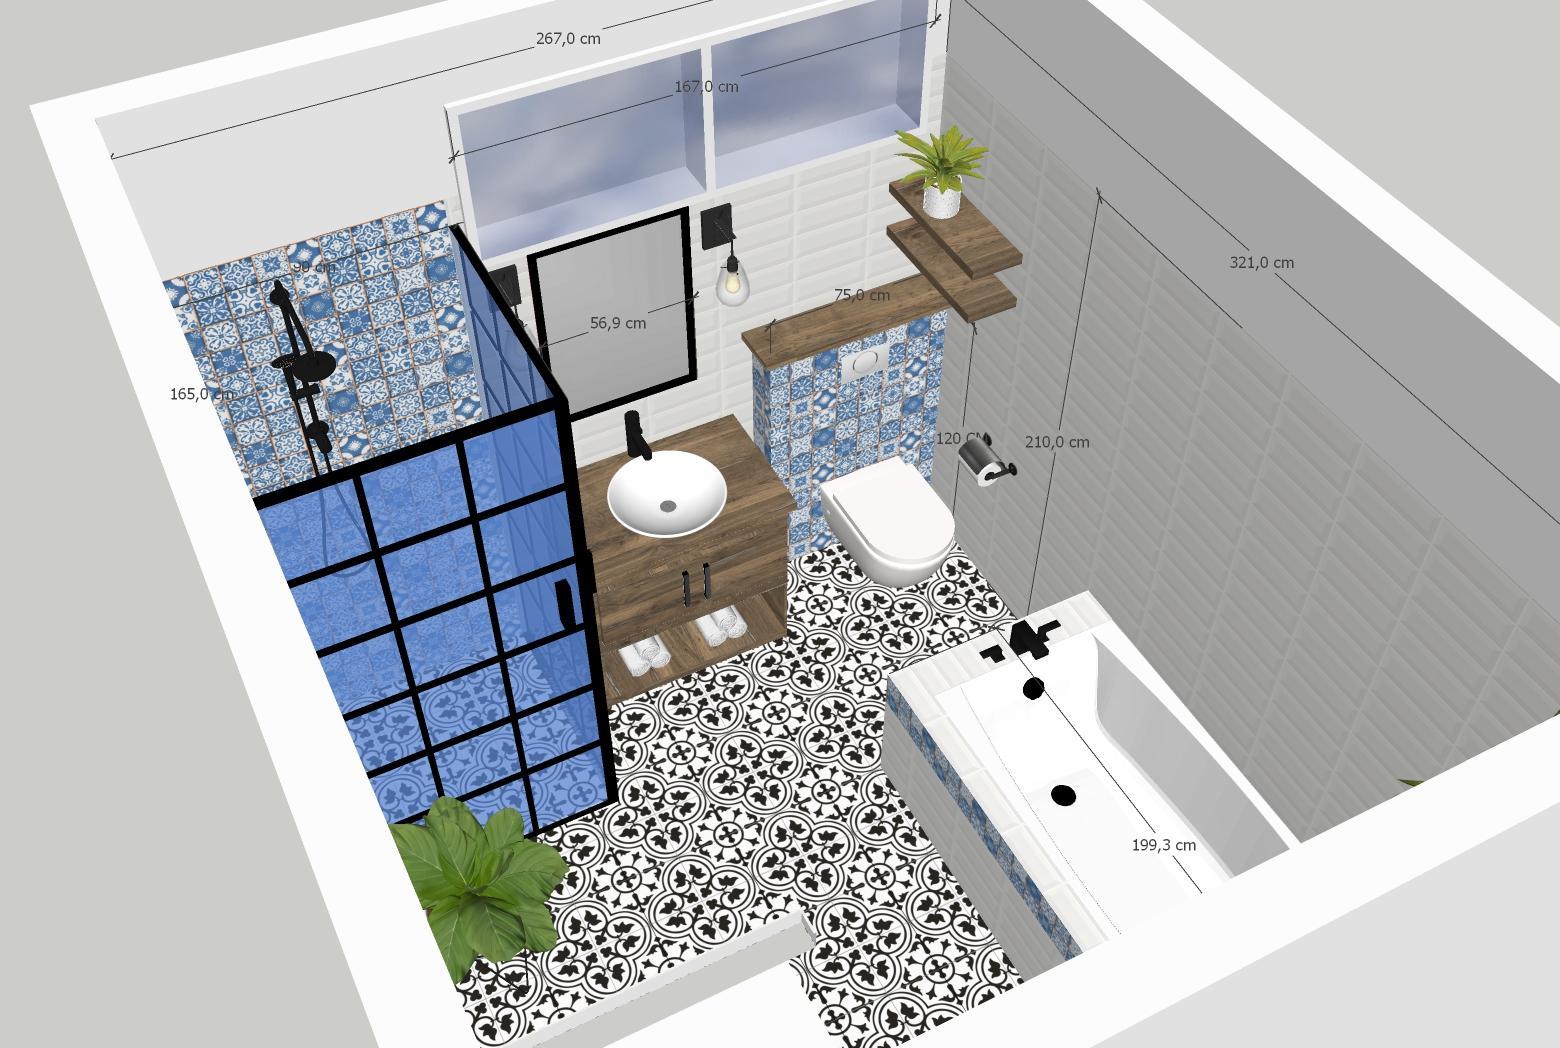 Naša rustikálna kúpeľňa - Konečna vizualizacia . Wc sme museli nechať na pôvodnom mieste,kvoli spadu...Poličky drevene budu ale nad wc a na stene pri vani , nie oproti